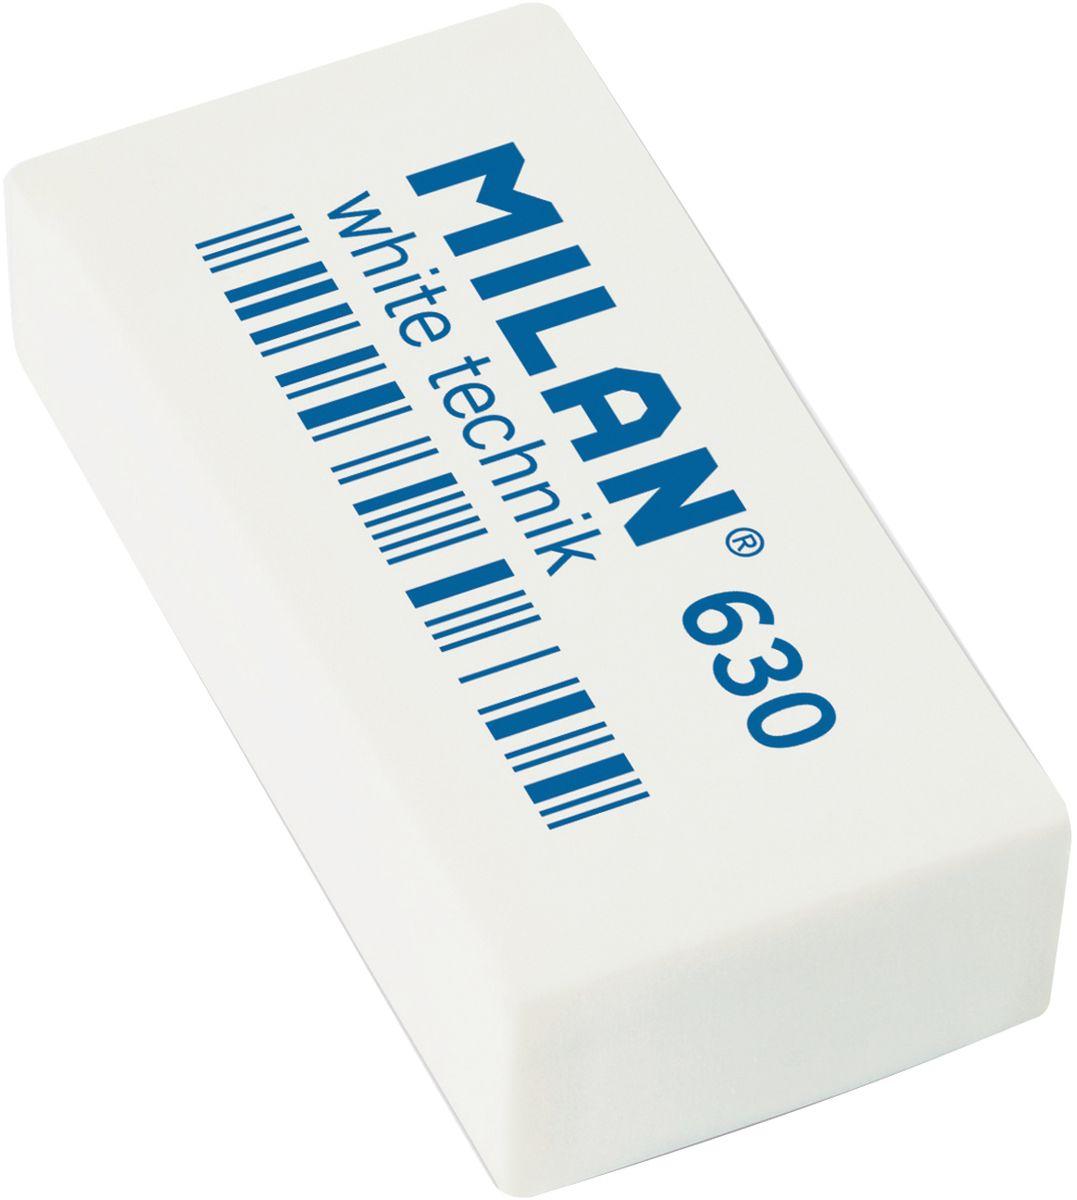 Milan Ластик White Technic 630 прямоугольный611639Ластик Milan White Technic 630 - это прекрасный синтетический ластик для цветных и чернографитных карандашей.